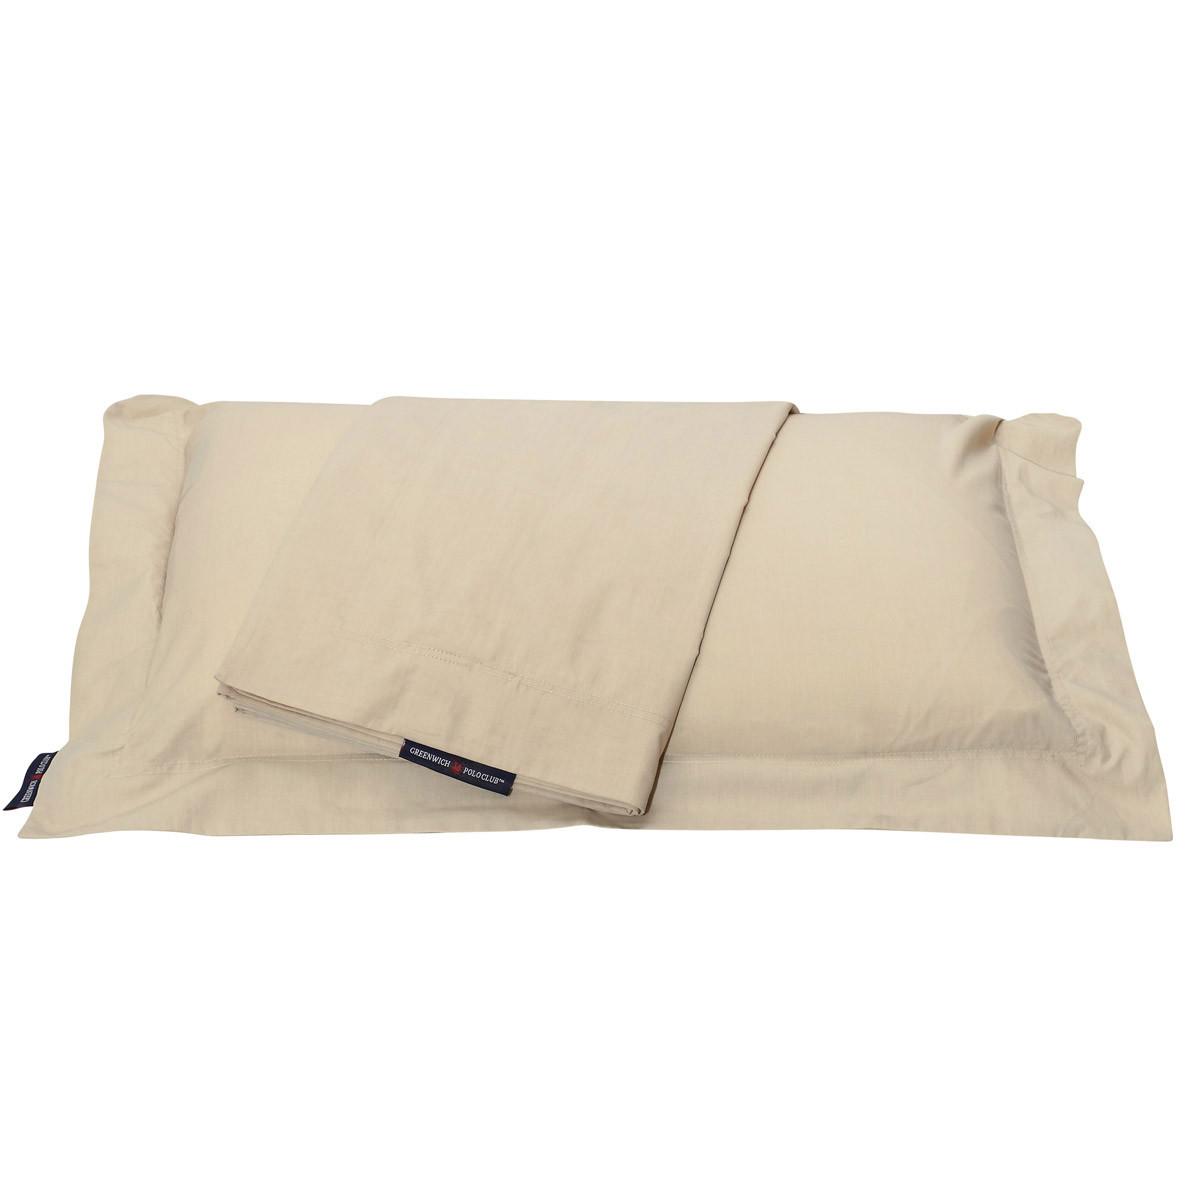 Ζεύγος Μαξιλαροθήκες Polo Club Premium Solid Percale home   κρεβατοκάμαρα   μαξιλάρια   μαξιλαροθήκες